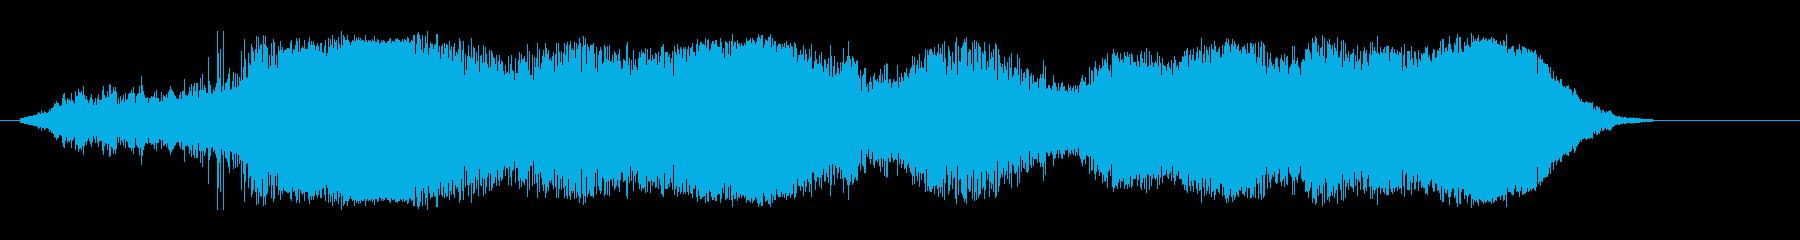 ナスカーレーシング;ターン別(数)...の再生済みの波形